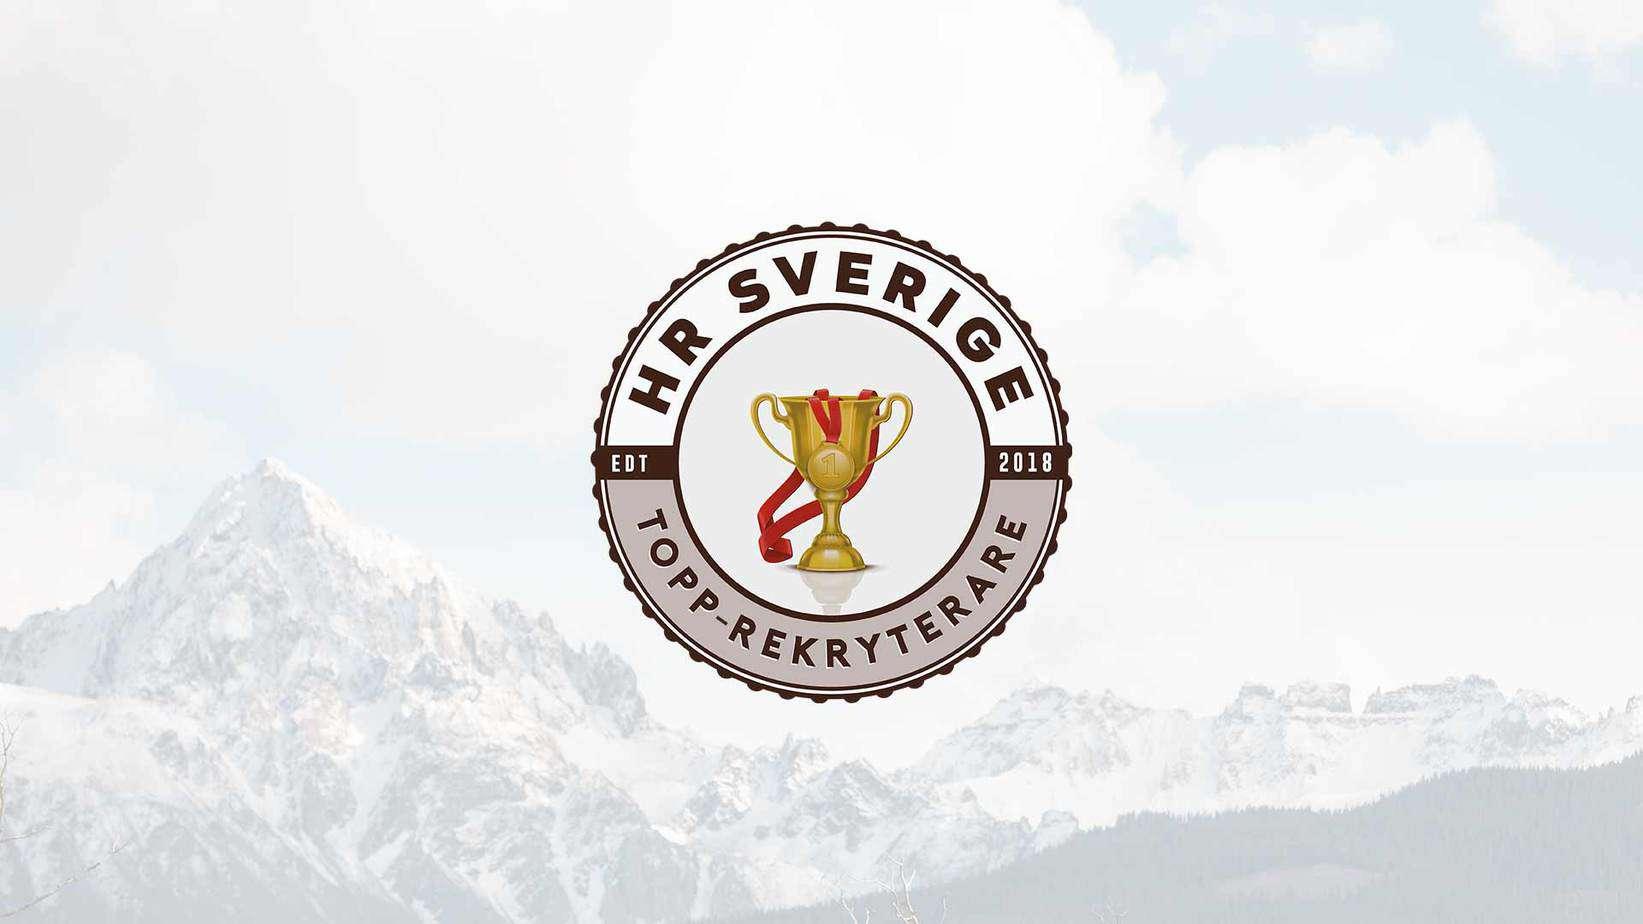 Sveriges bästa rekryterare